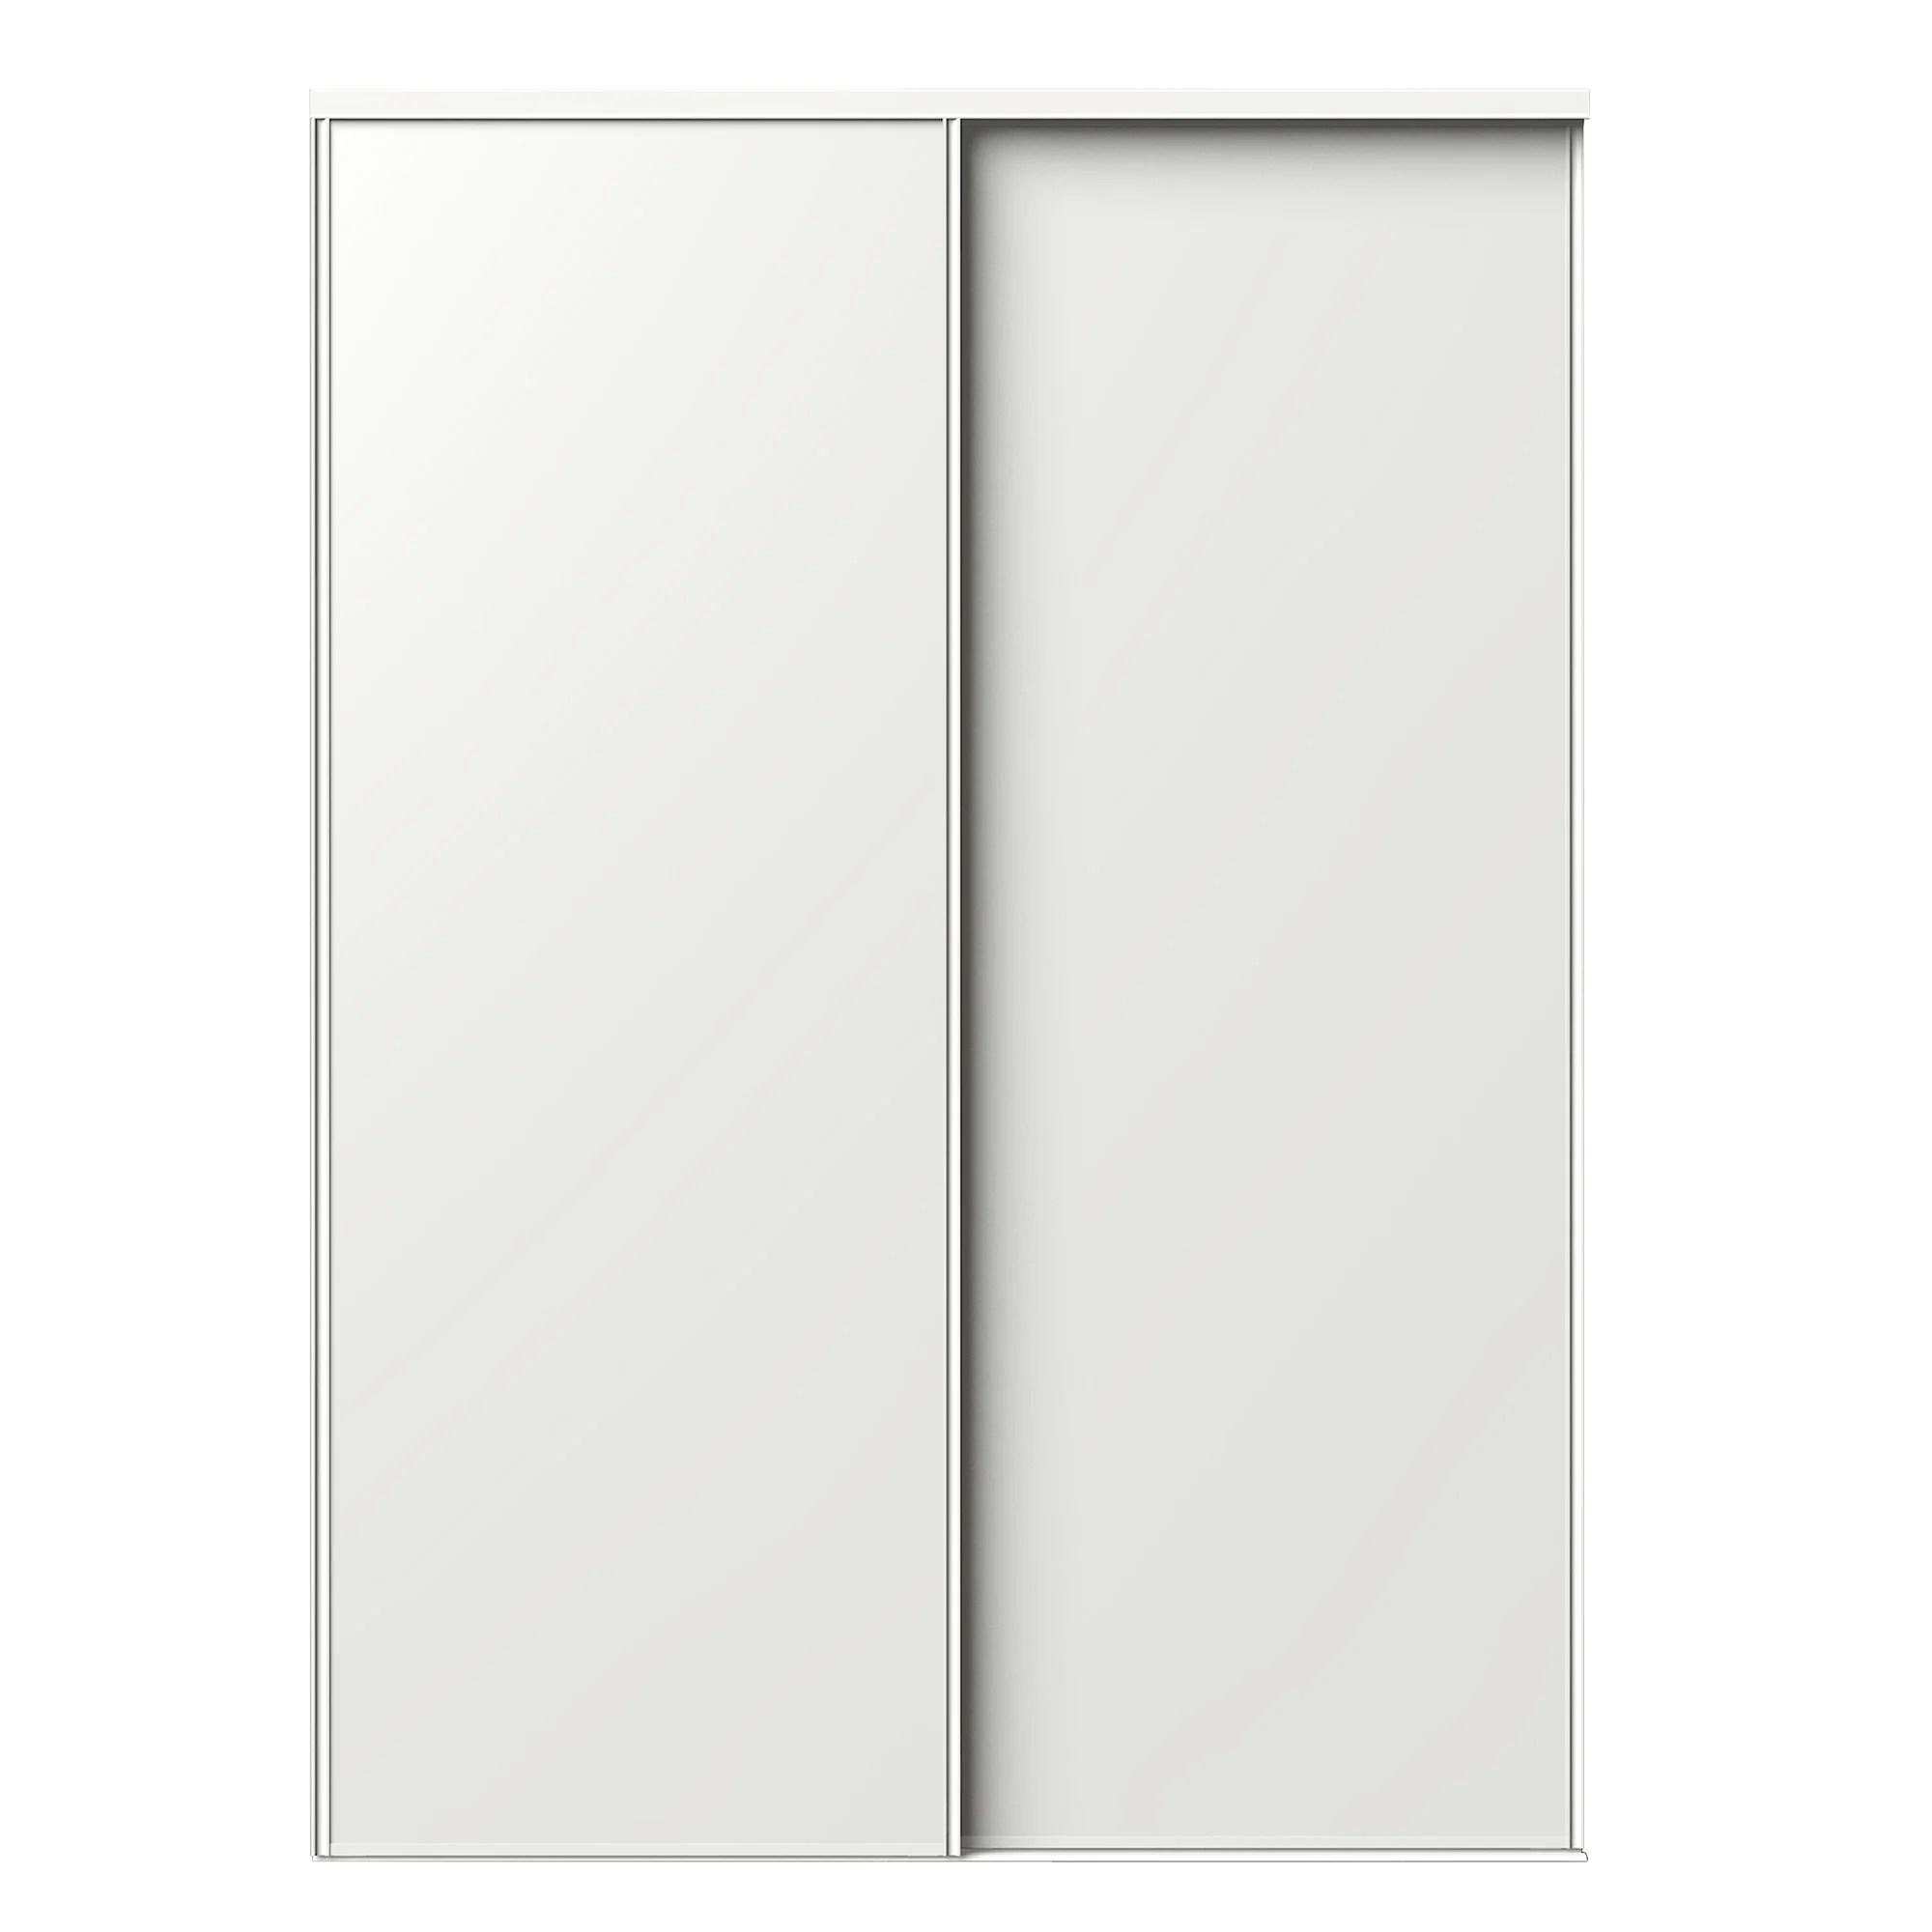 portes de placard coulissantes 2 portes blanc l205xh250cm